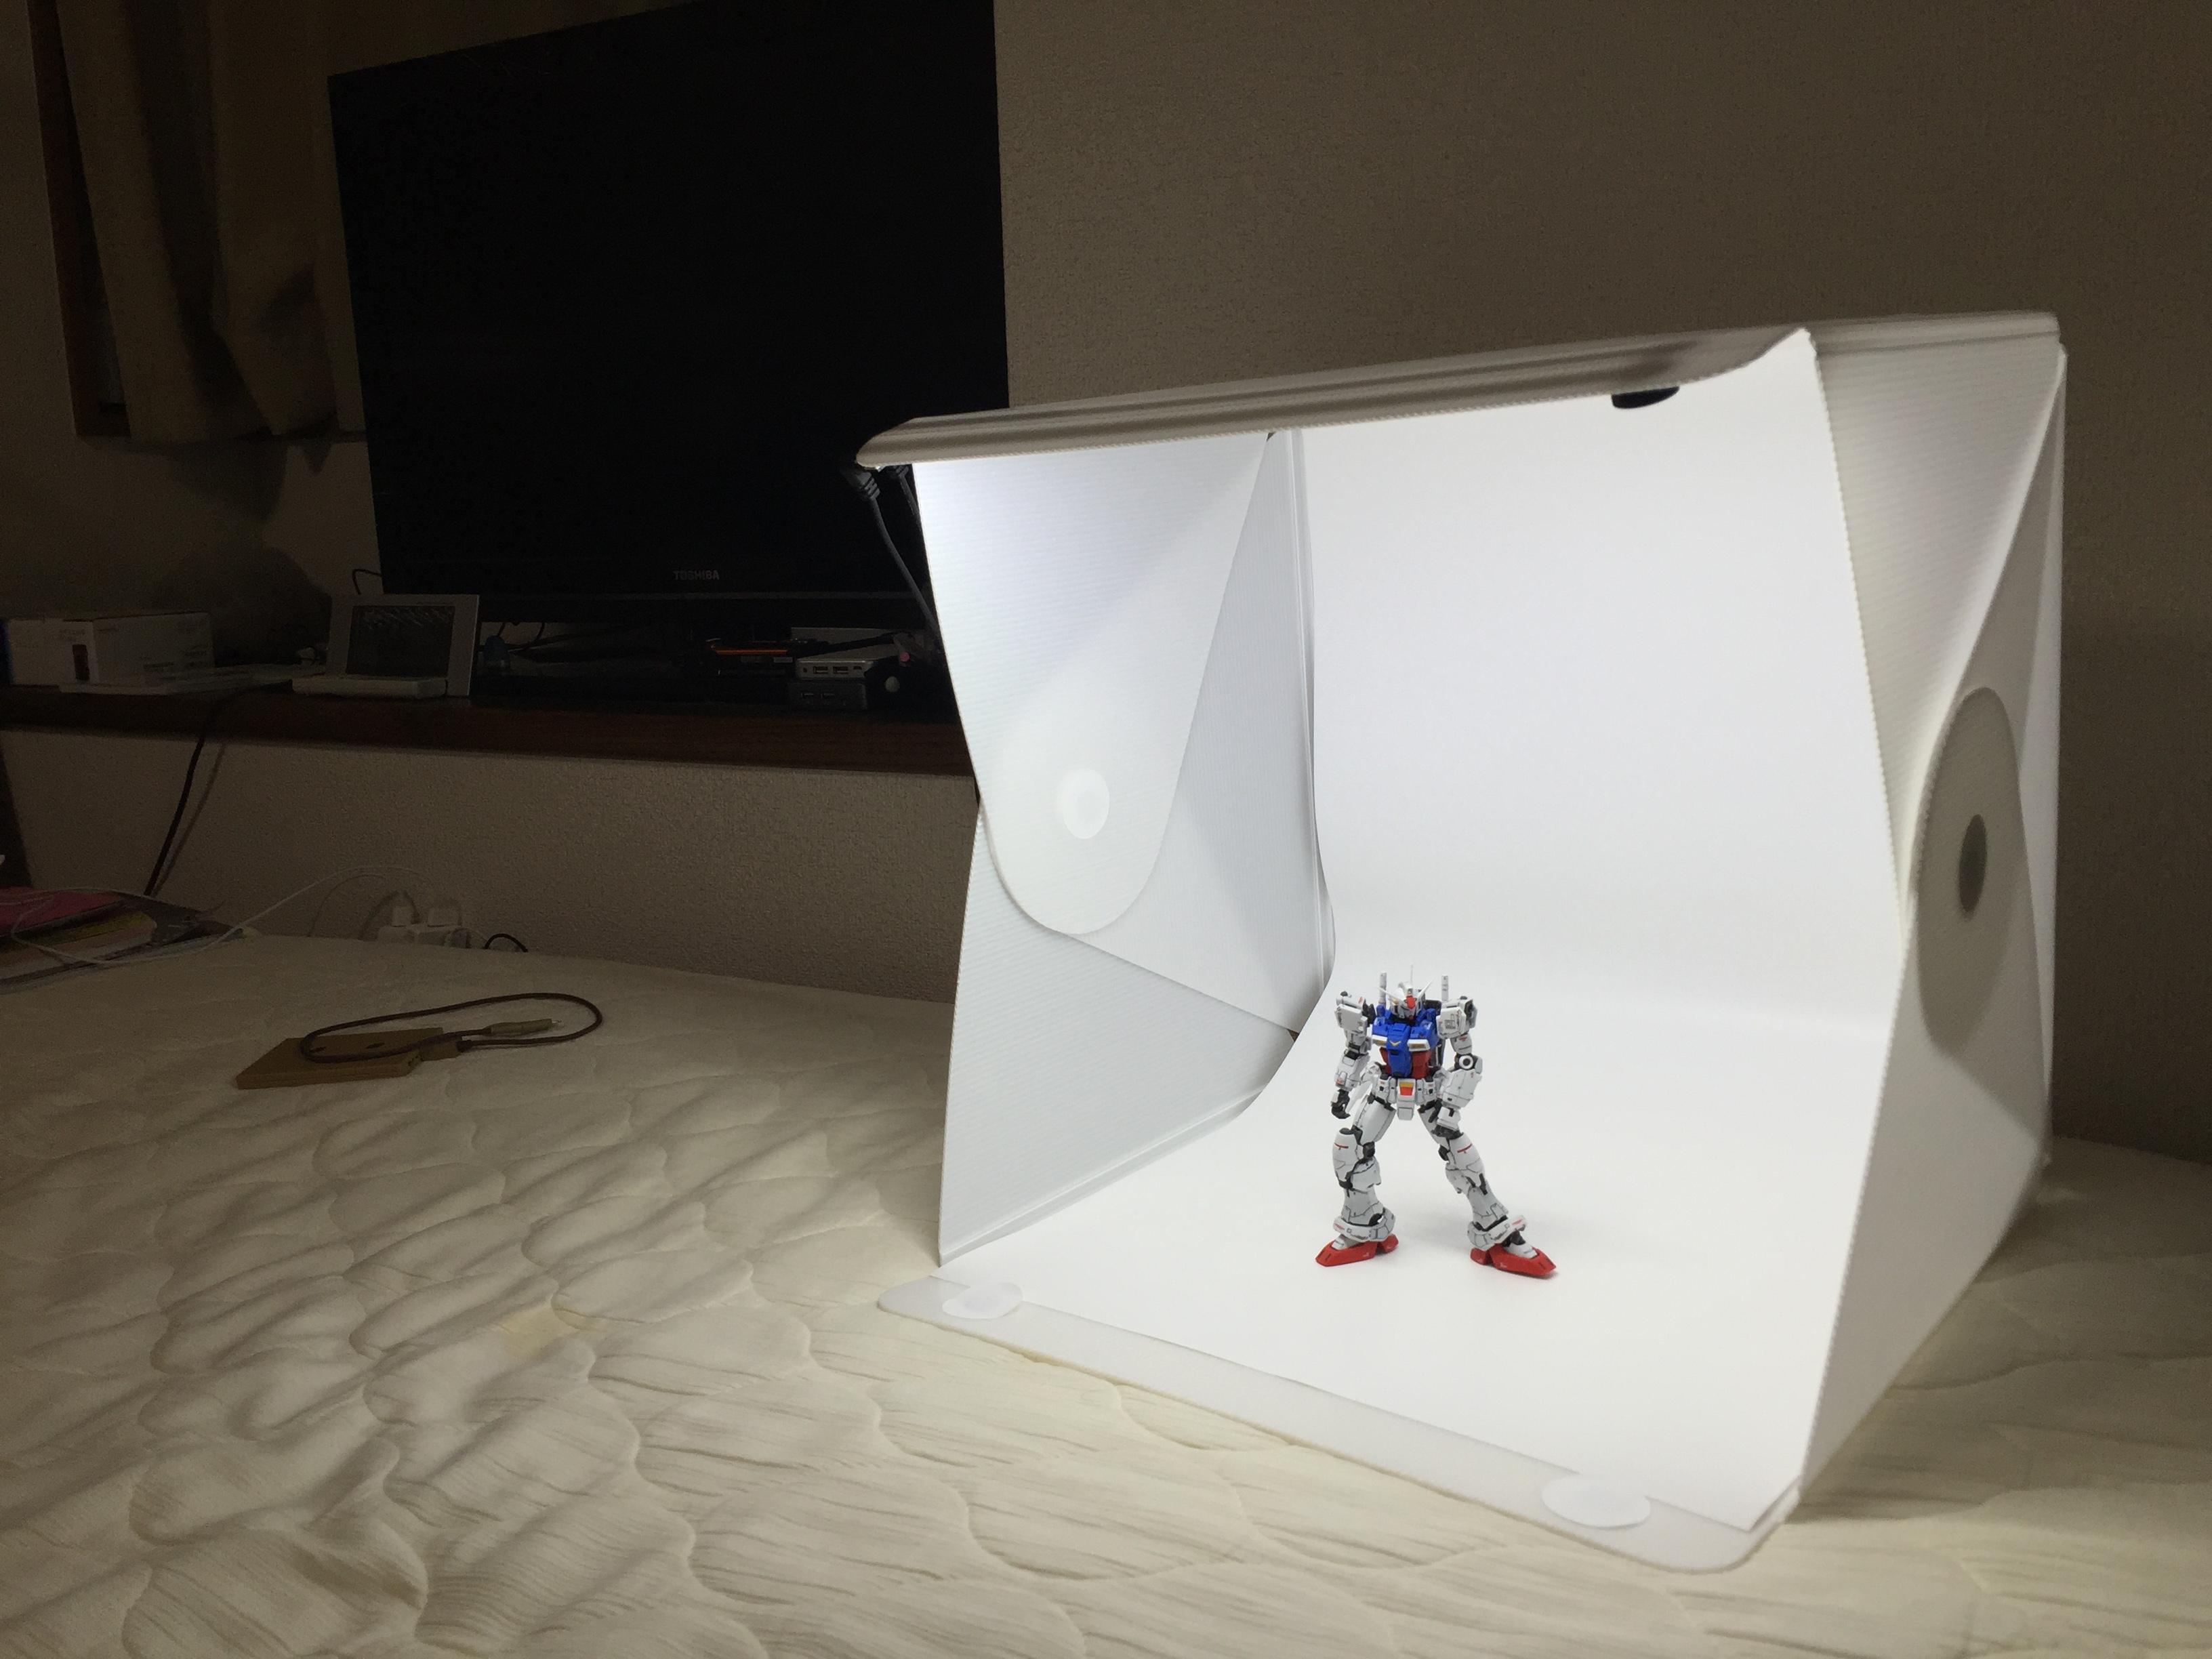 小さい小さいポータブル写真スタジオfoldio2。ブログ用の写真撮影ならおまかせ!